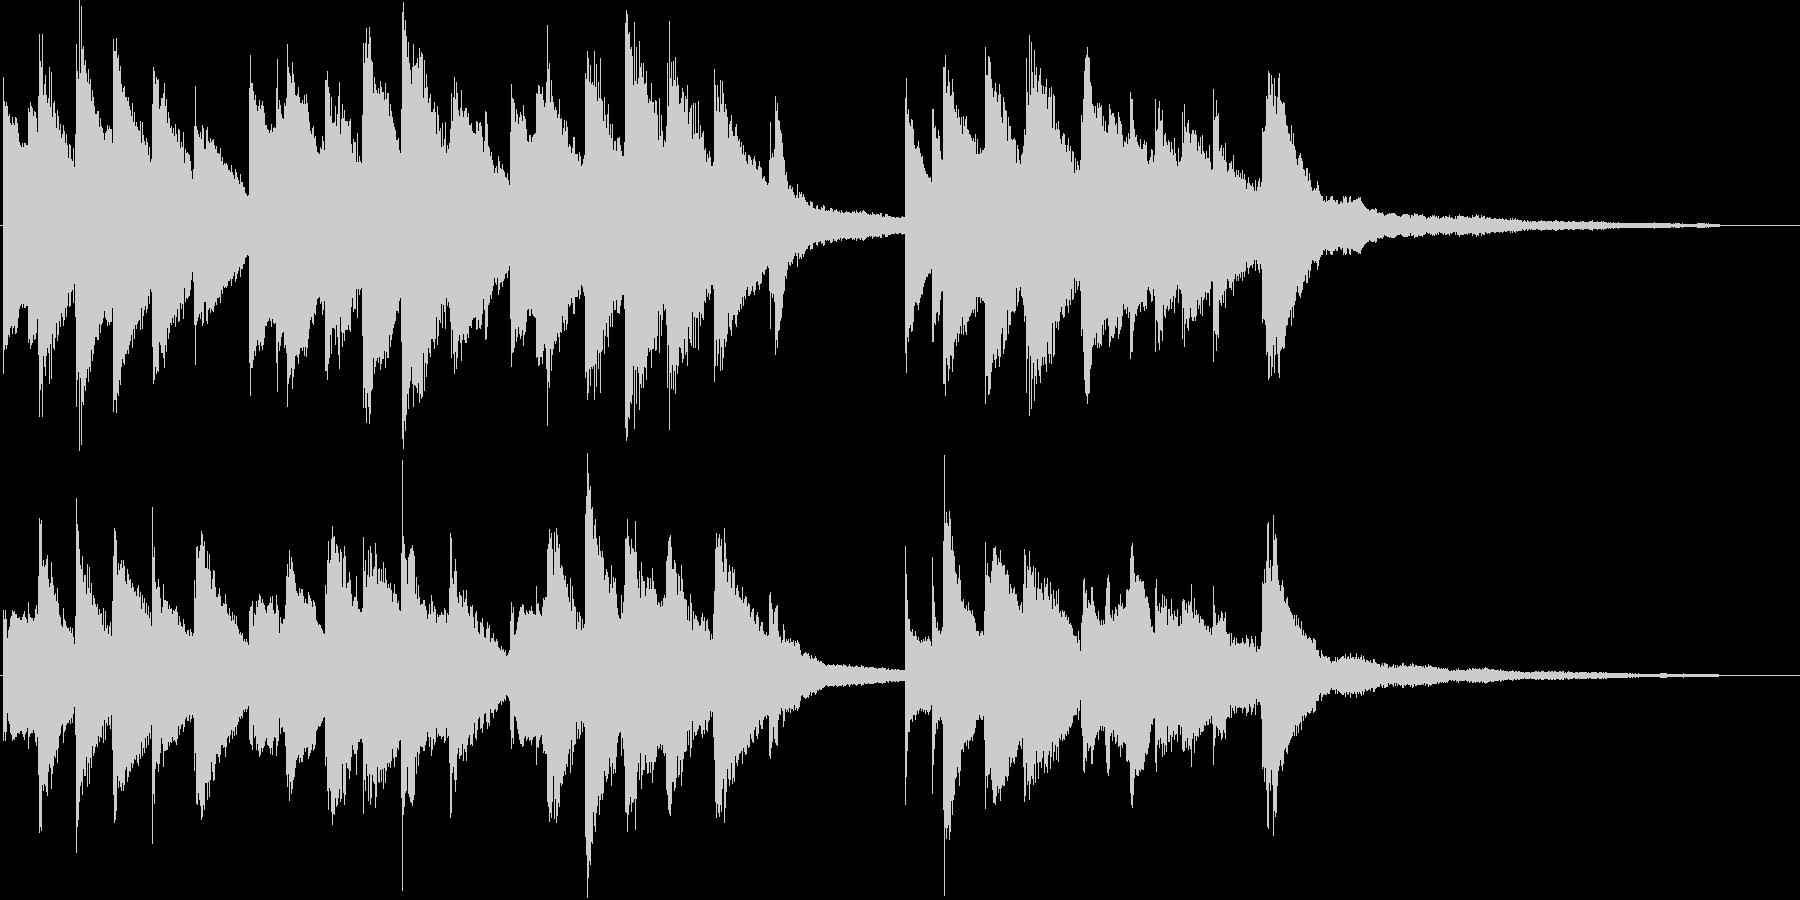 ハッピーバースデー(ジャズピアノ)の未再生の波形